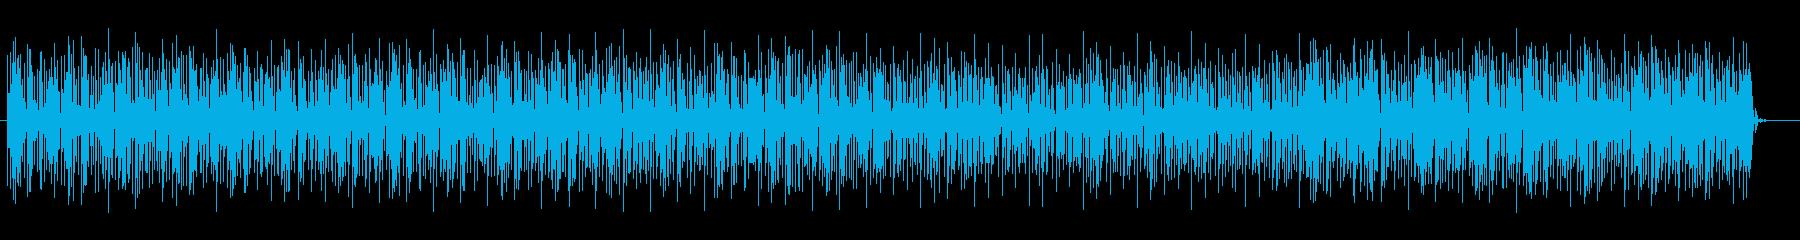 活気あるテクノミュージックの再生済みの波形